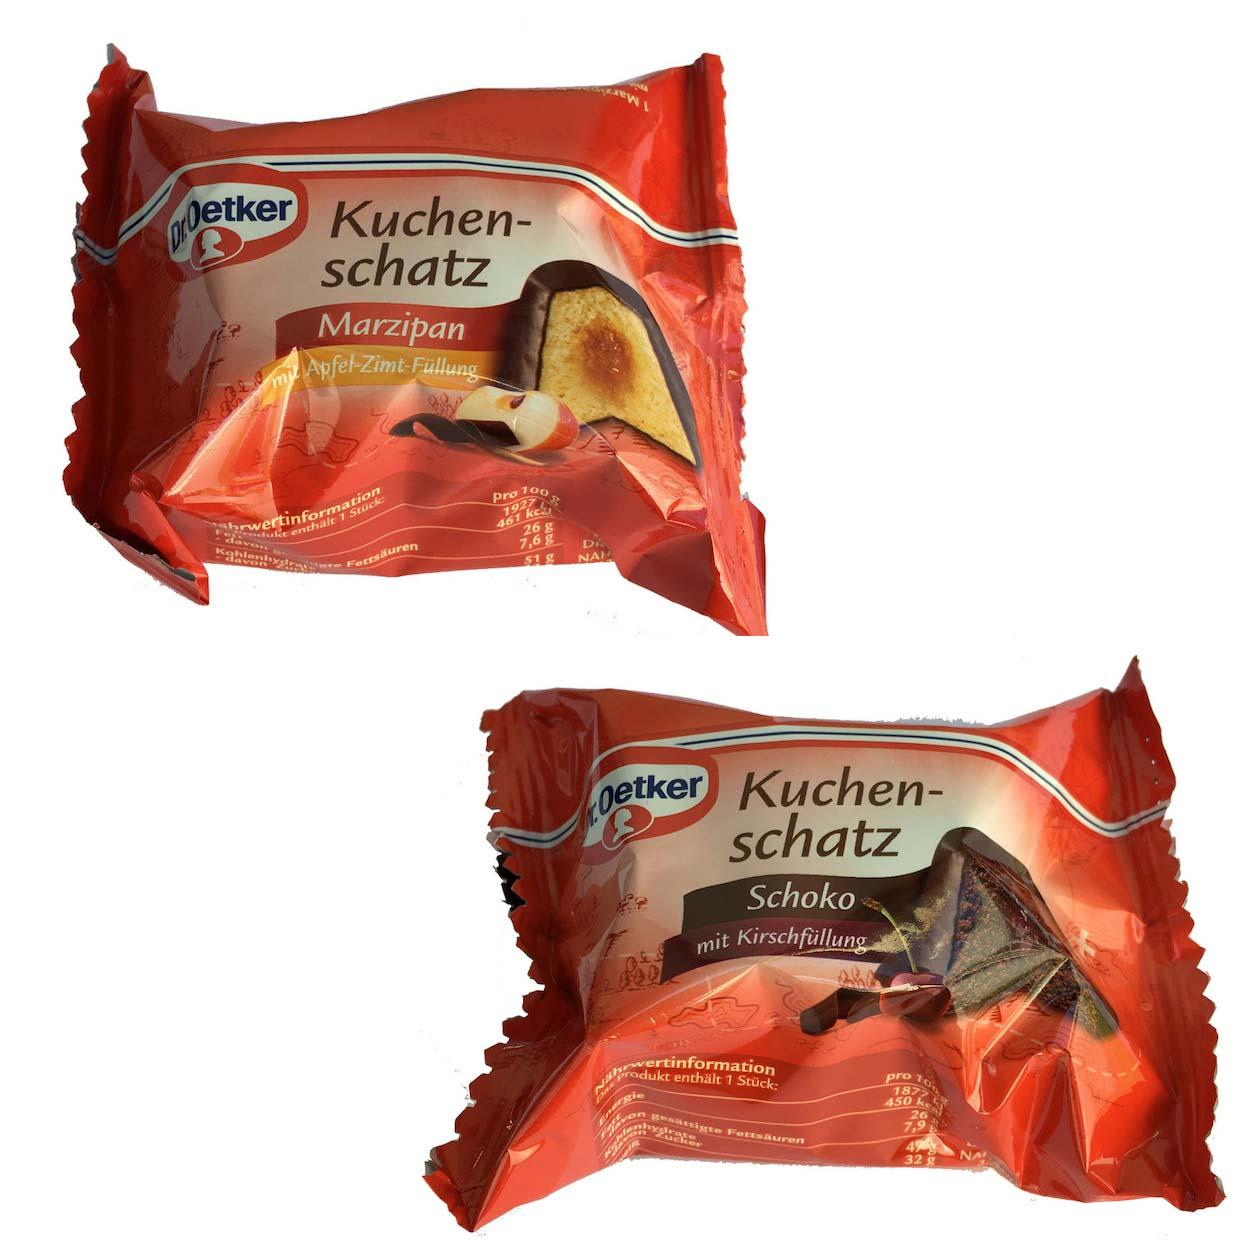 Dr Oetker Kuchenschatz Schokolade 1 Kuchen Adventskalender Shop